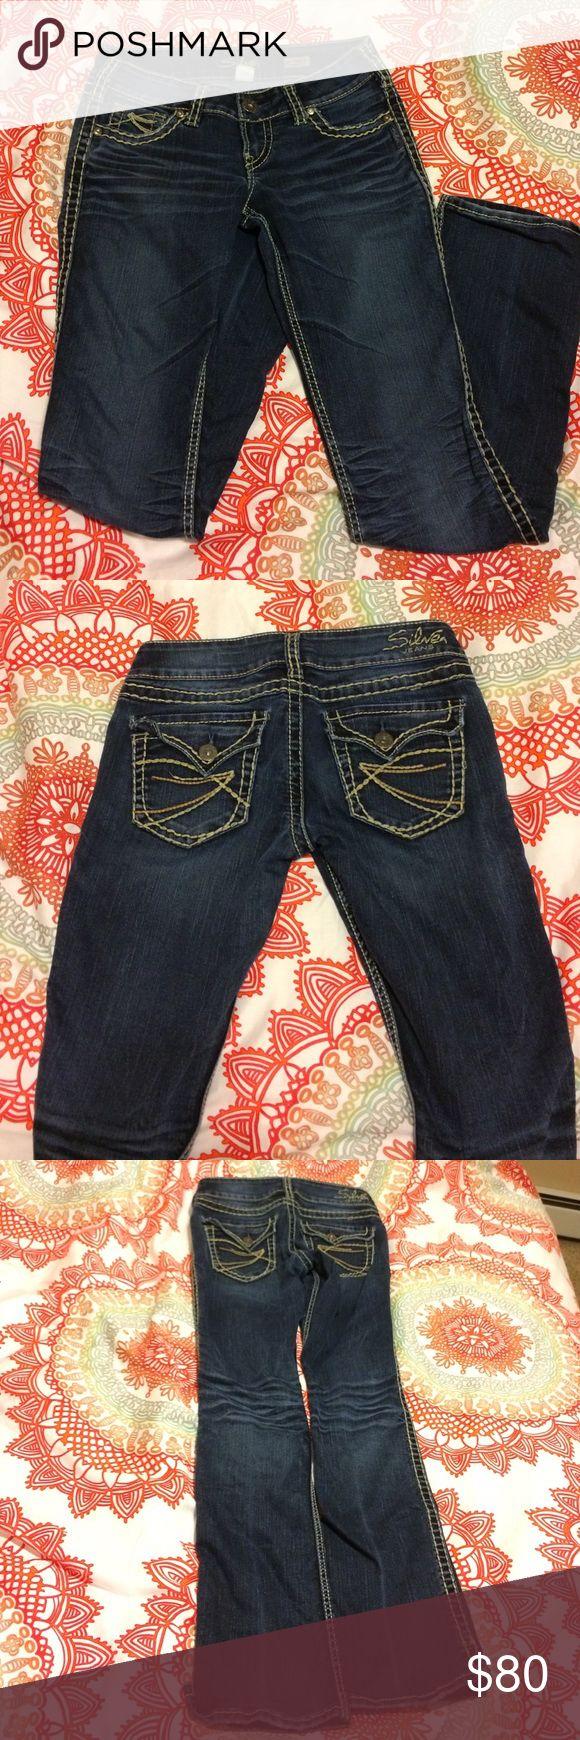 Silver jeans McKenzie slim boot cut